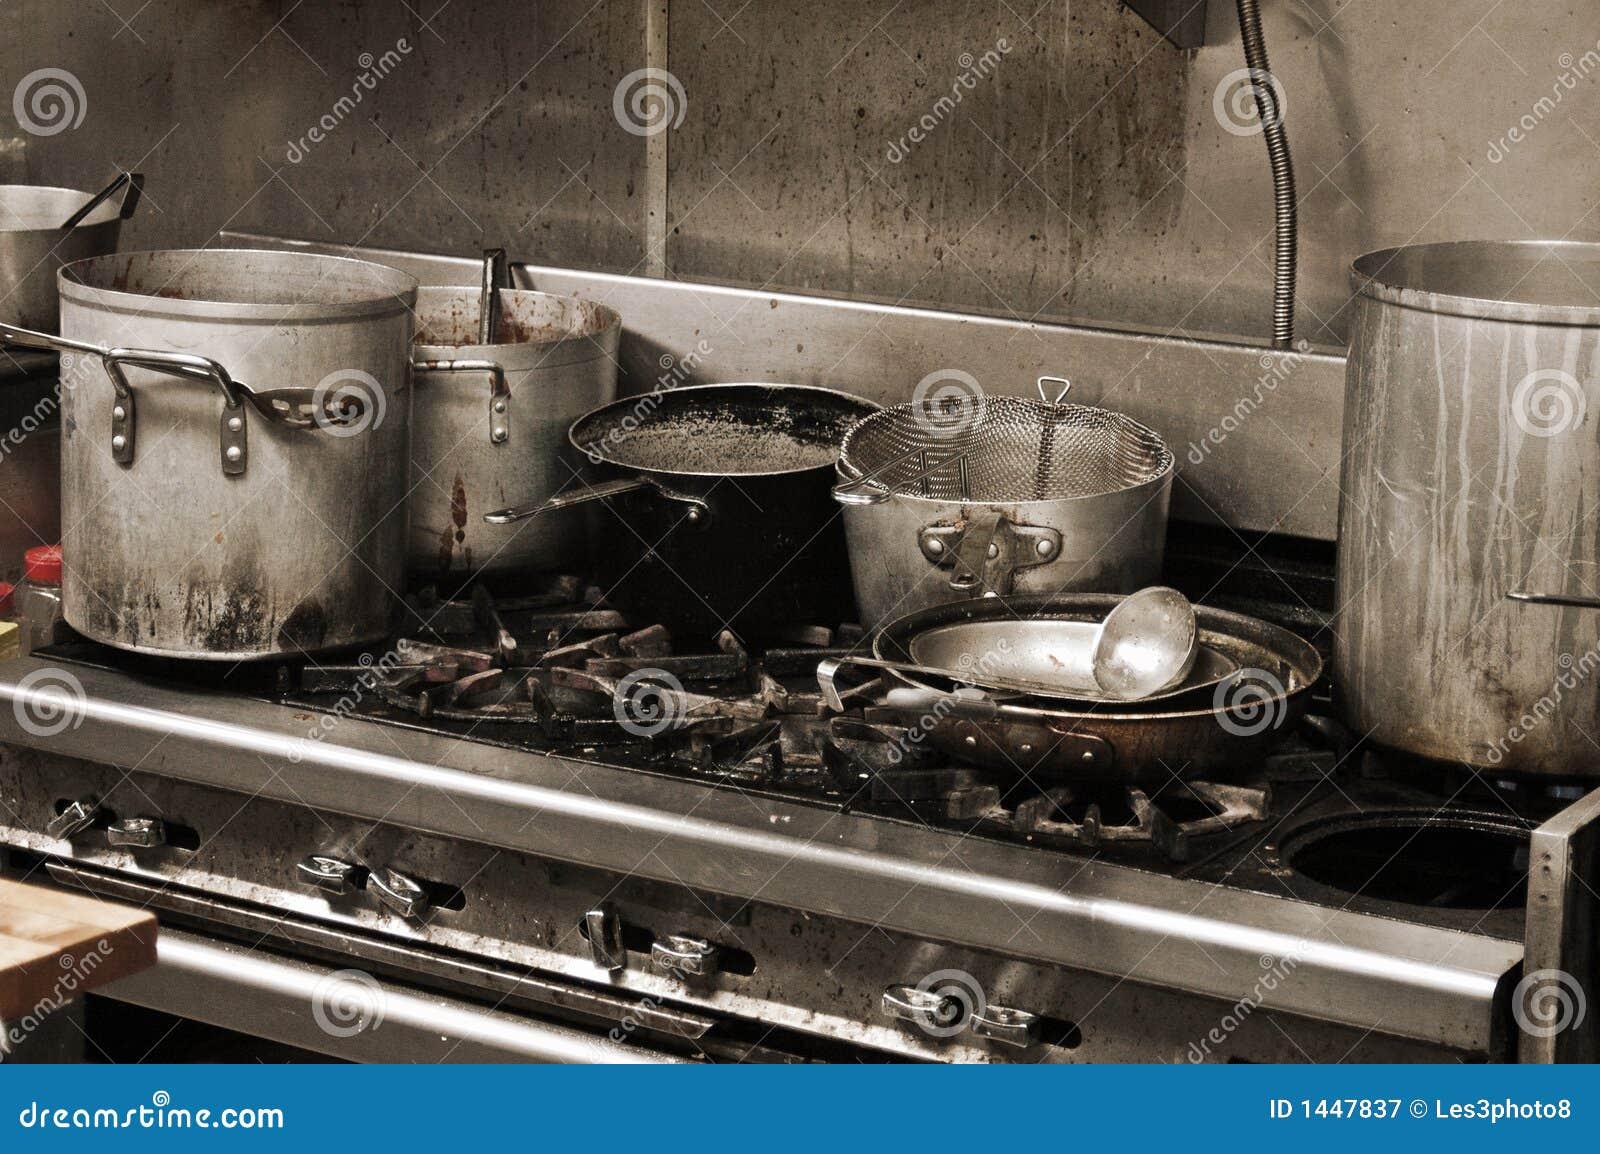 Smerige keuken royalty vrije stock fotografie afbeelding 1447837 - Beeld van eigentijdse keuken ...